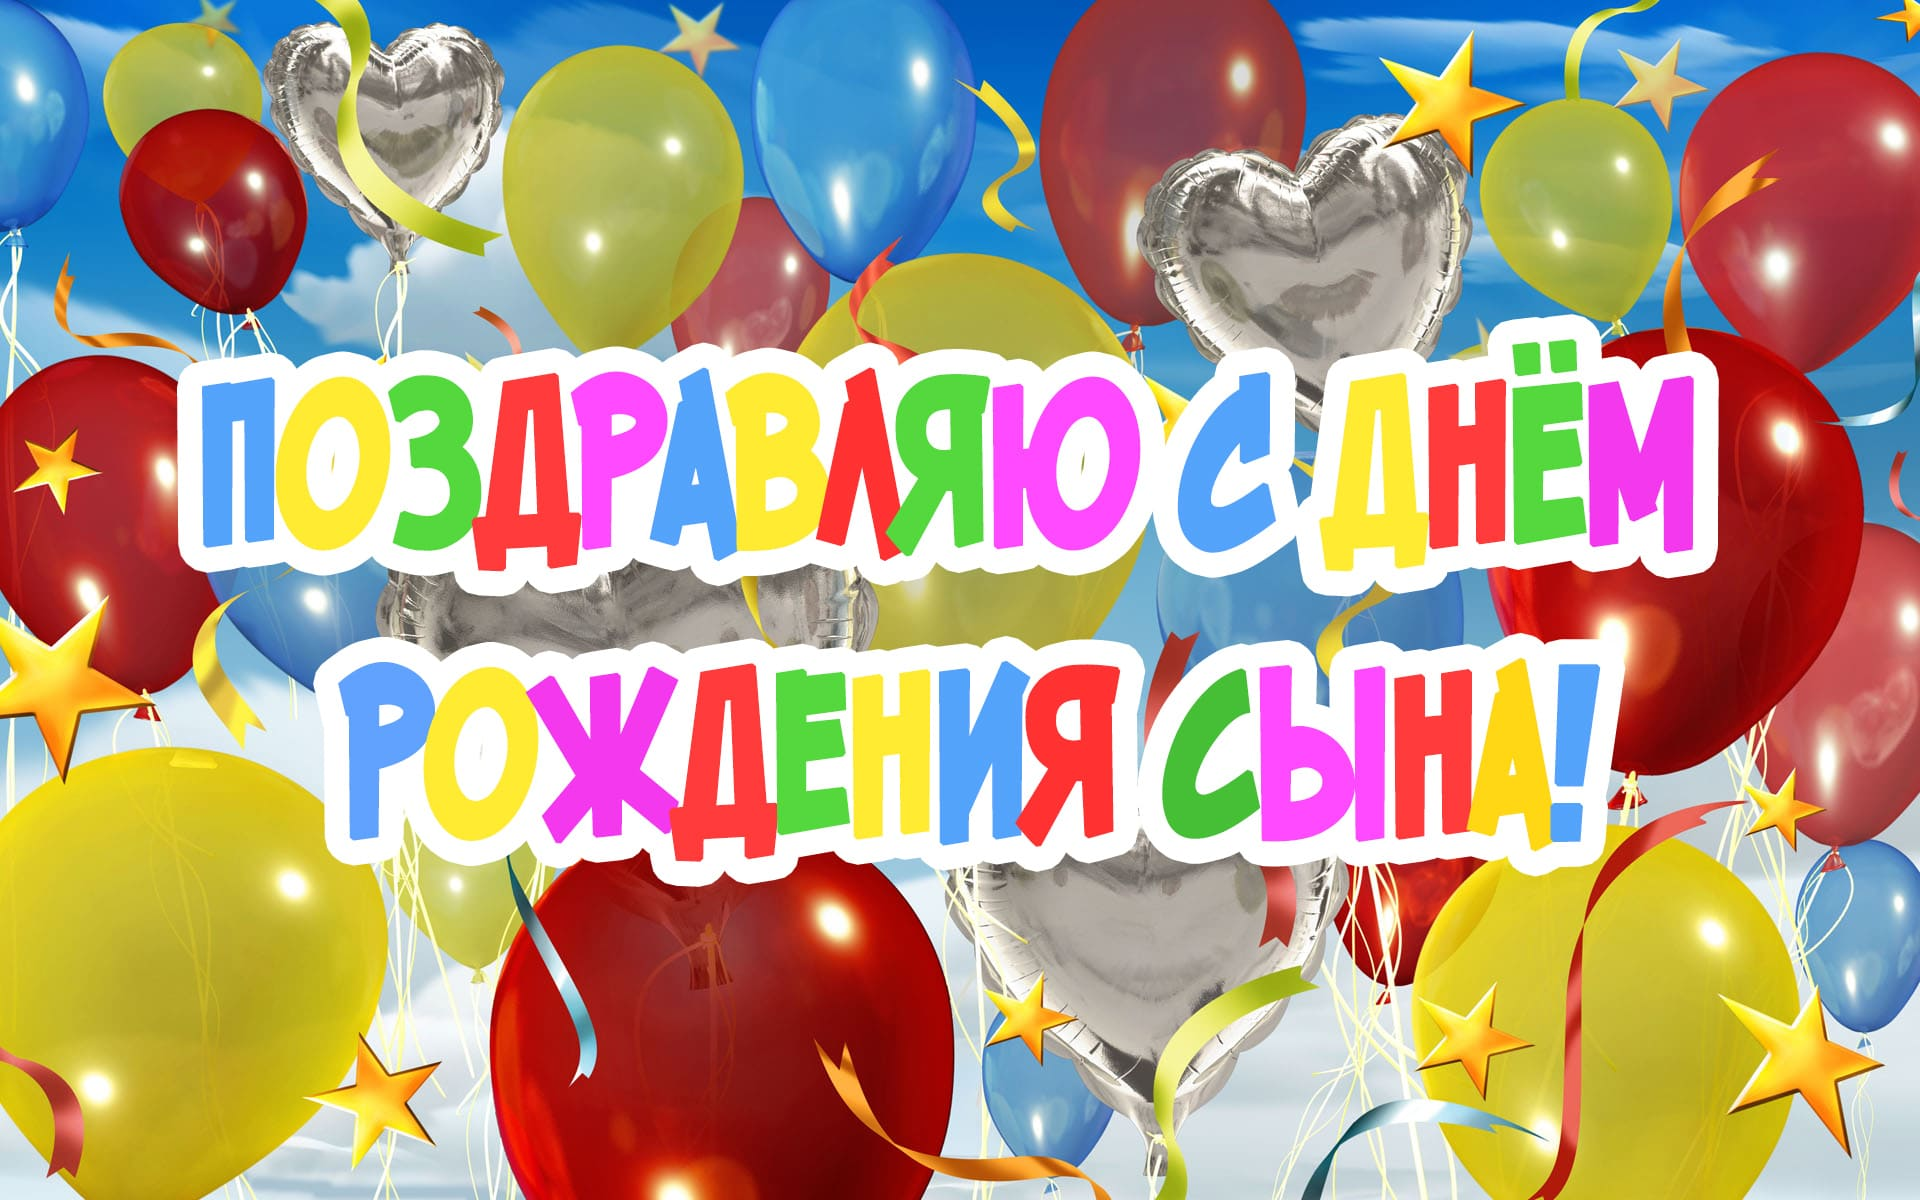 Изображение - Поздравление с рождением сына для мамы открытки pozdravlayu-s-dnem-rozhdeniya-sina-8